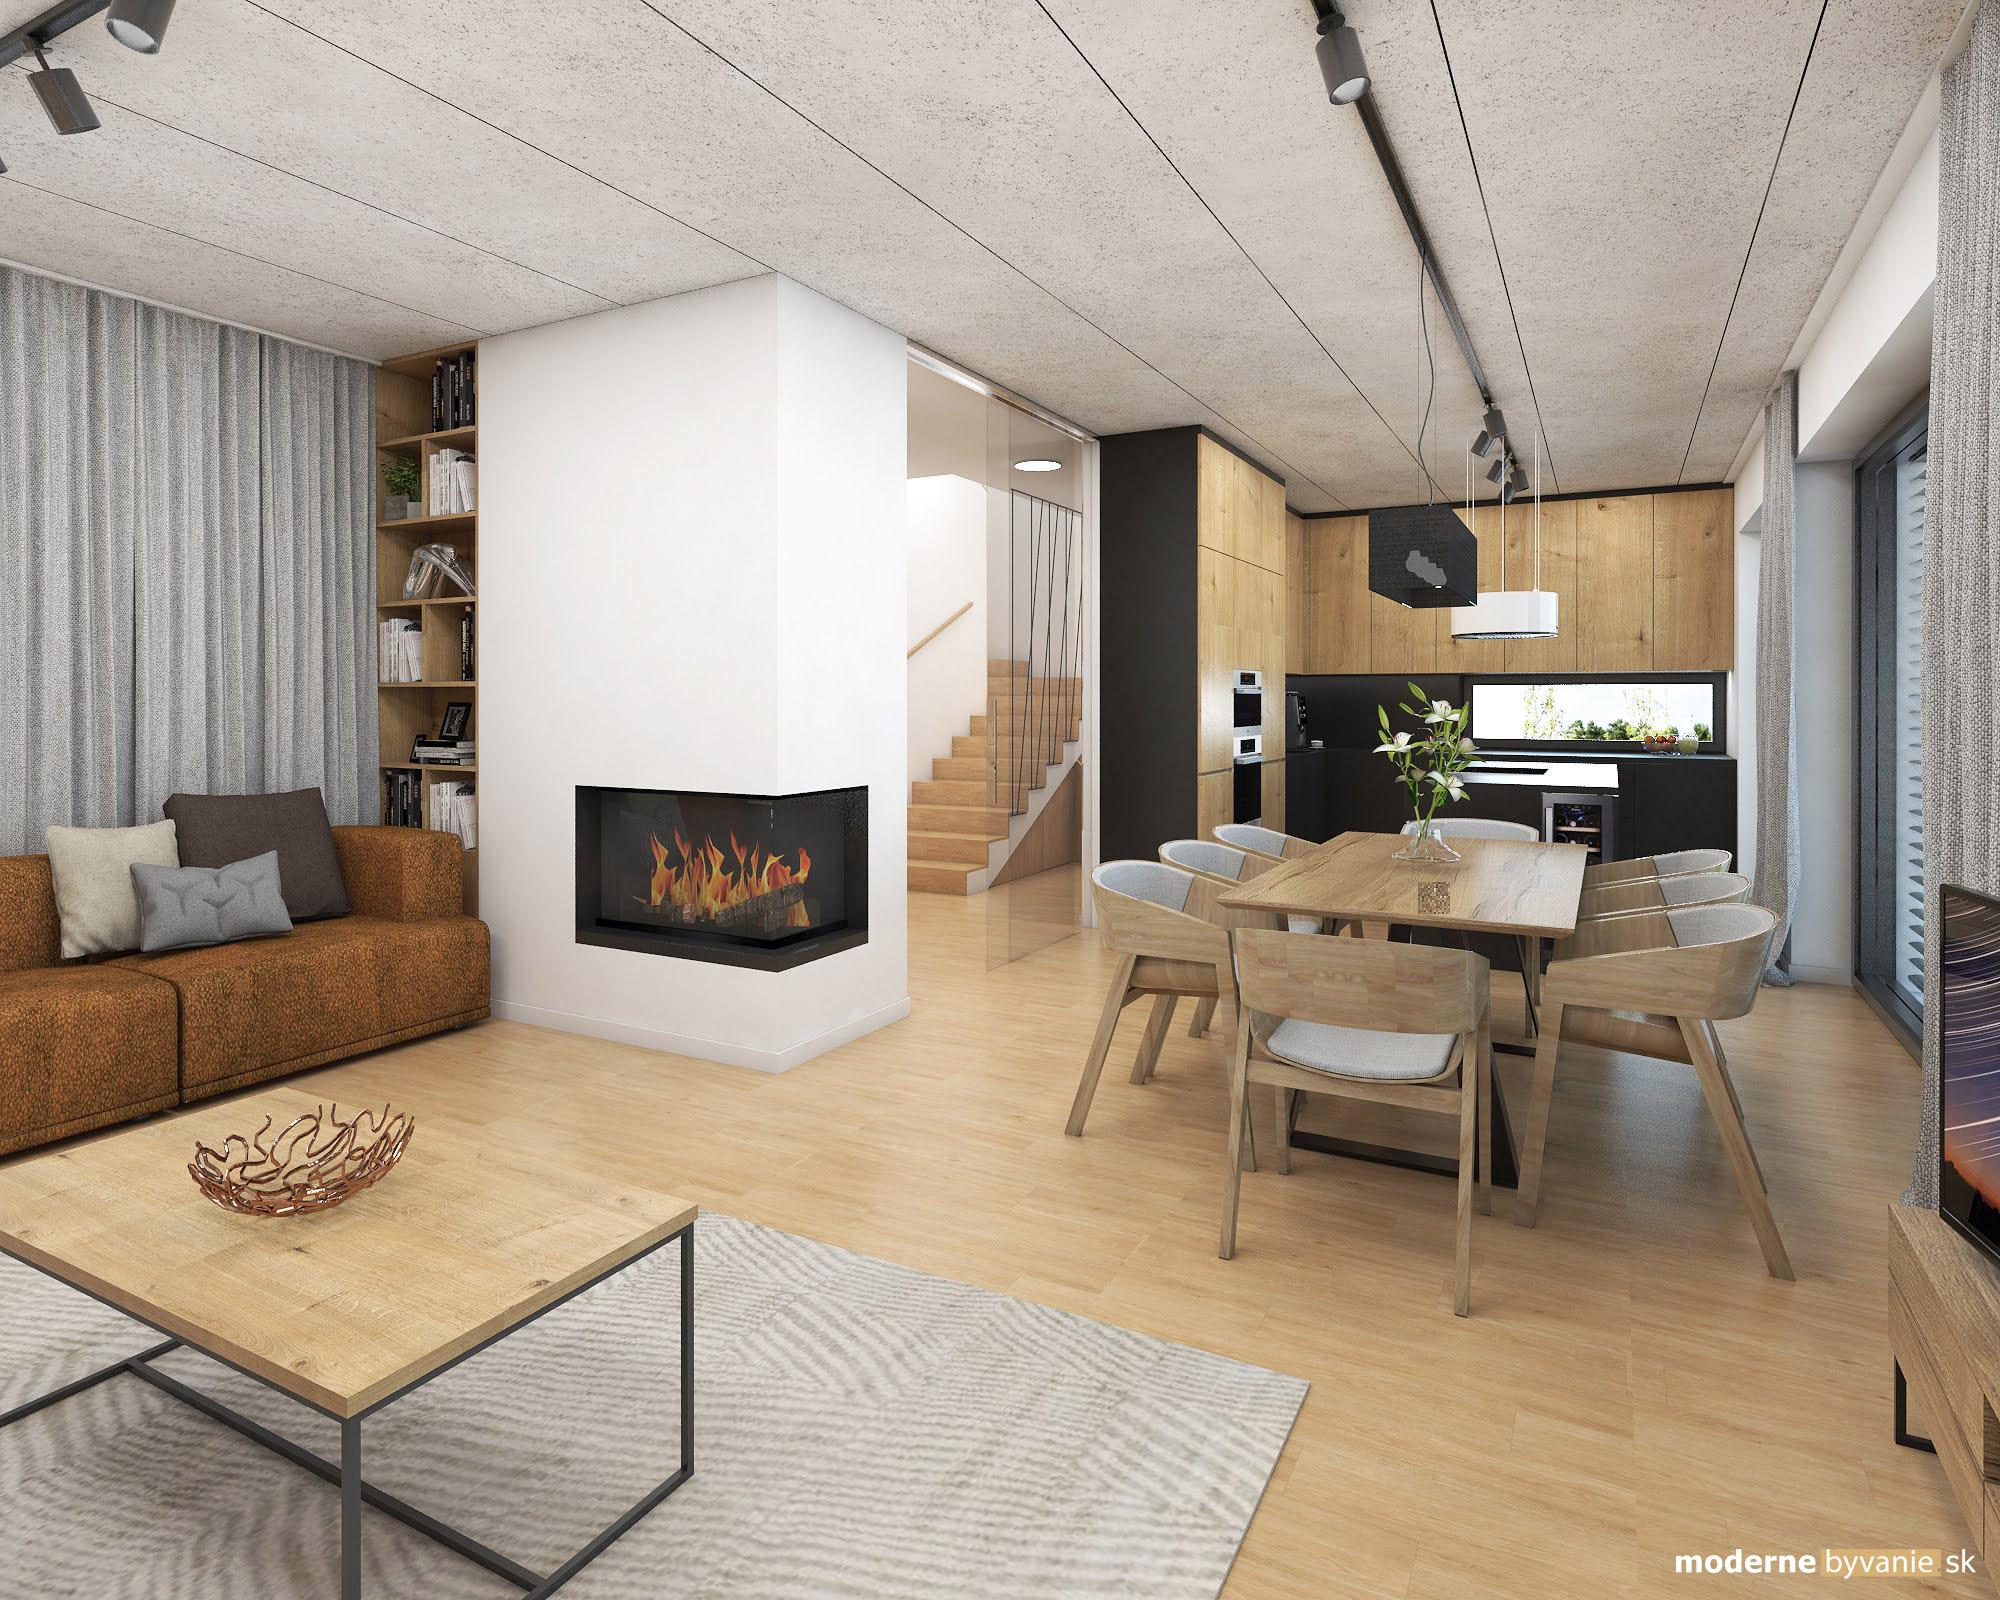 Návrh interiéru - Jedáleň a Obývačka - Dizajn interiéru domu v Tatrách